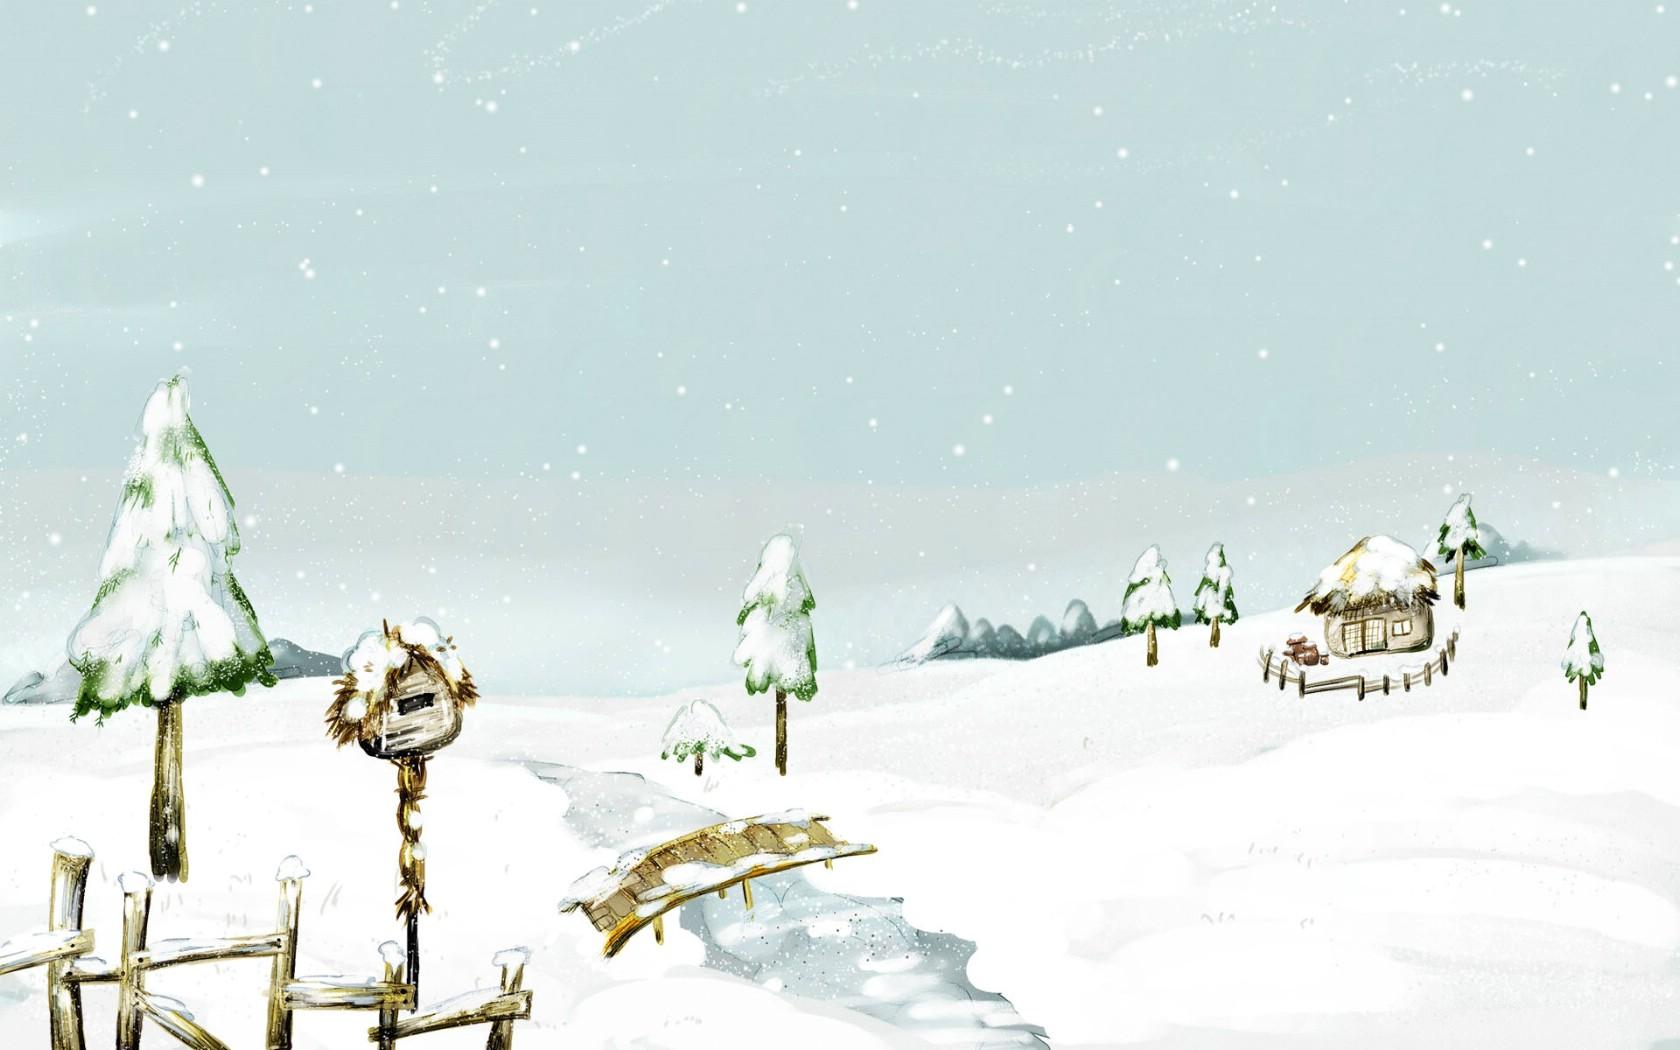 1050童话冬天 精美冬季风景插画 童话冬天 精美冬天图片 冬天雪景插